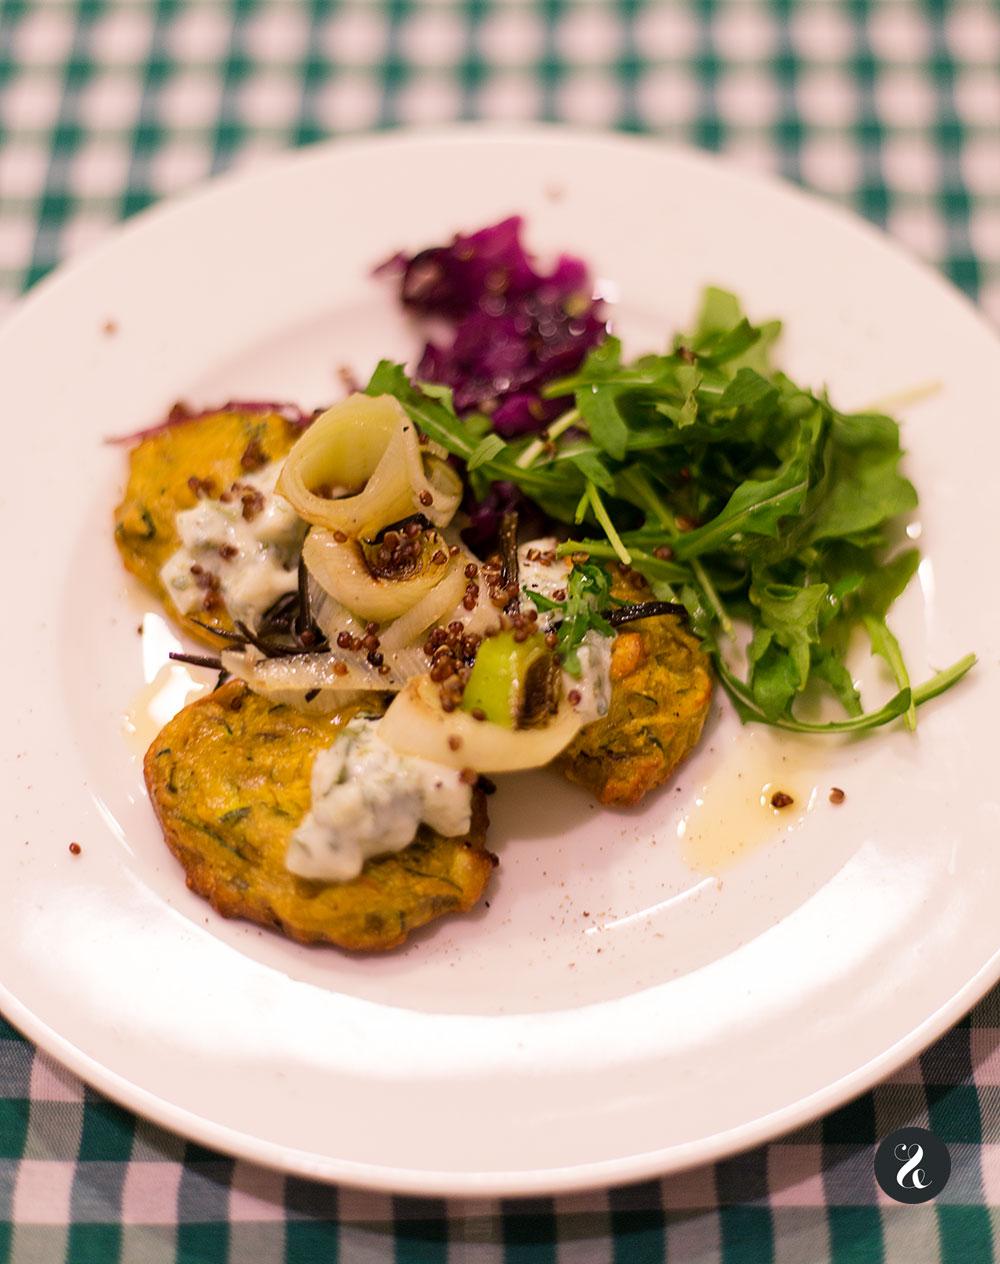 Uno de los platos del menú 'veggie' de Kiki Deli - Foto: Lora Demodé